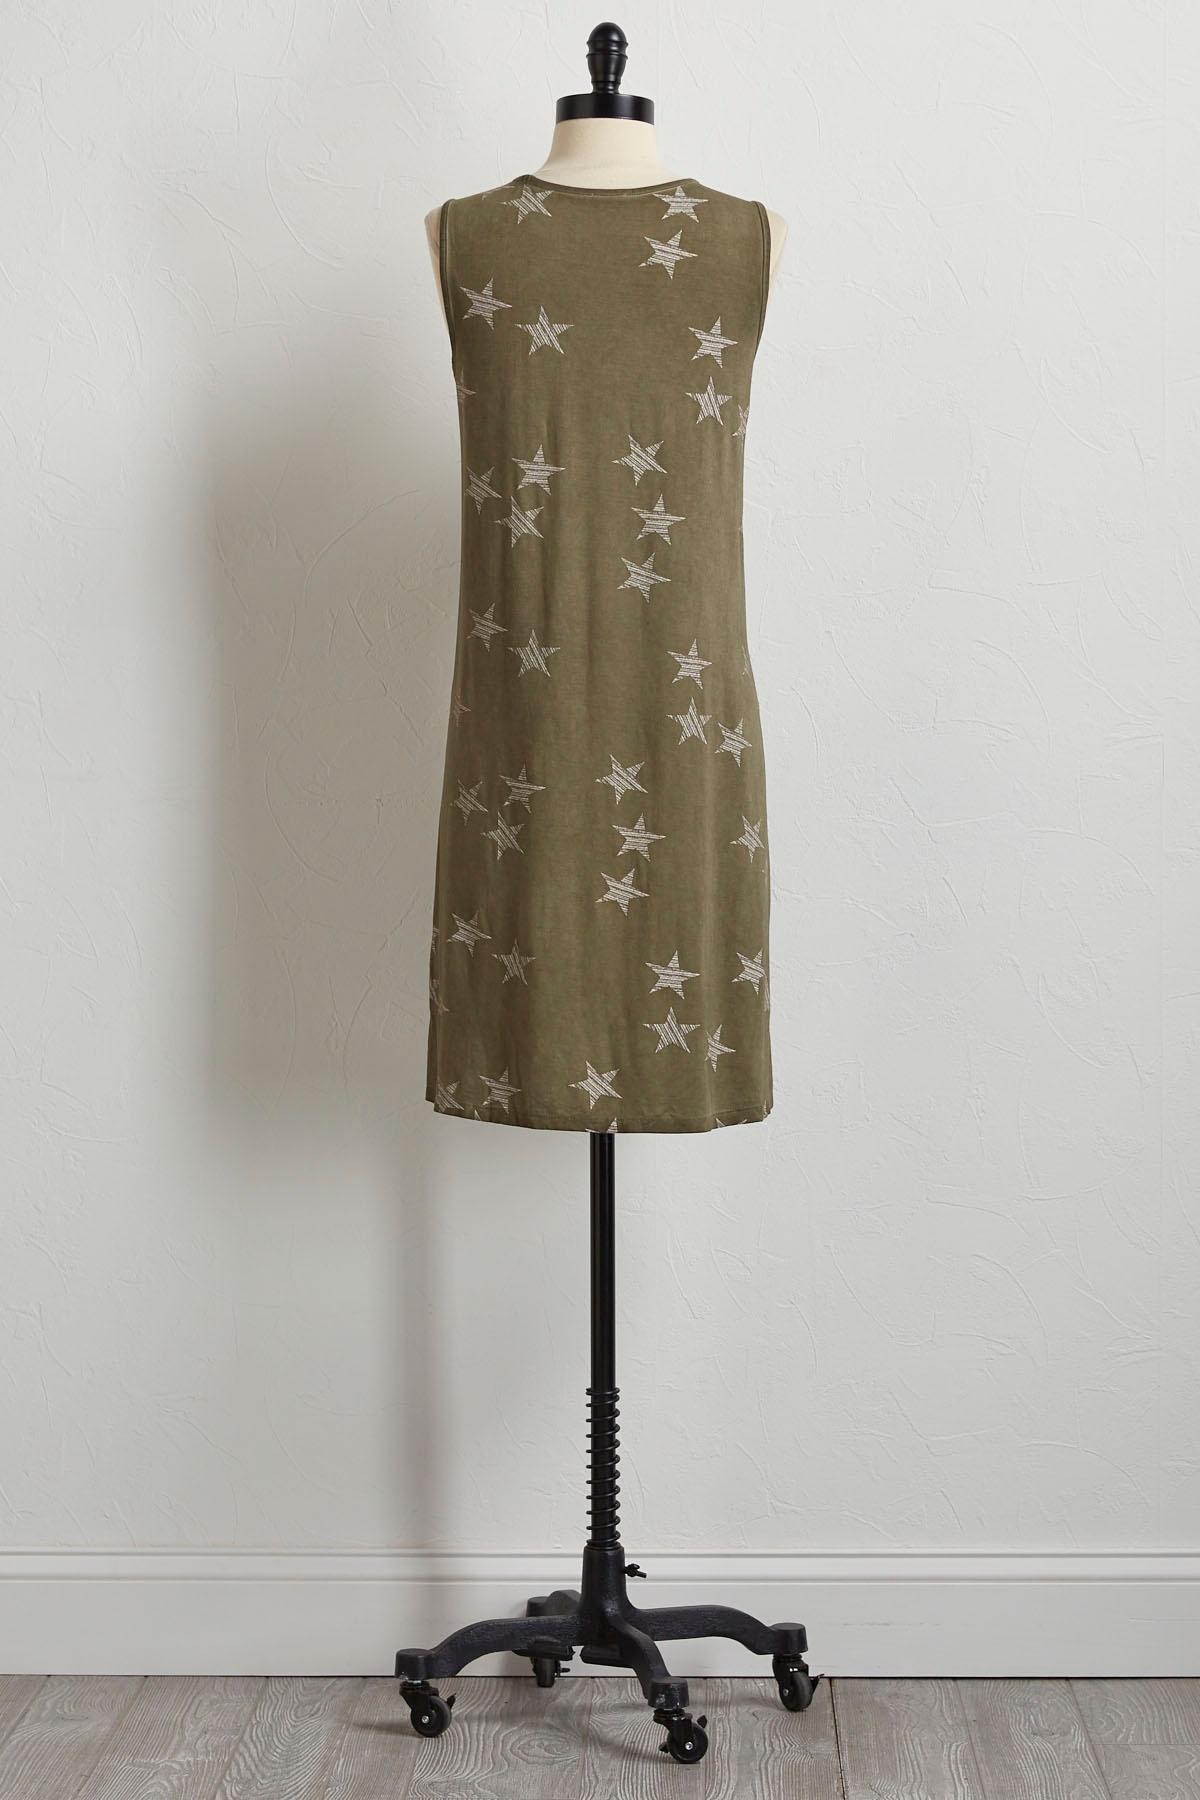 Striped Star Tank Dress